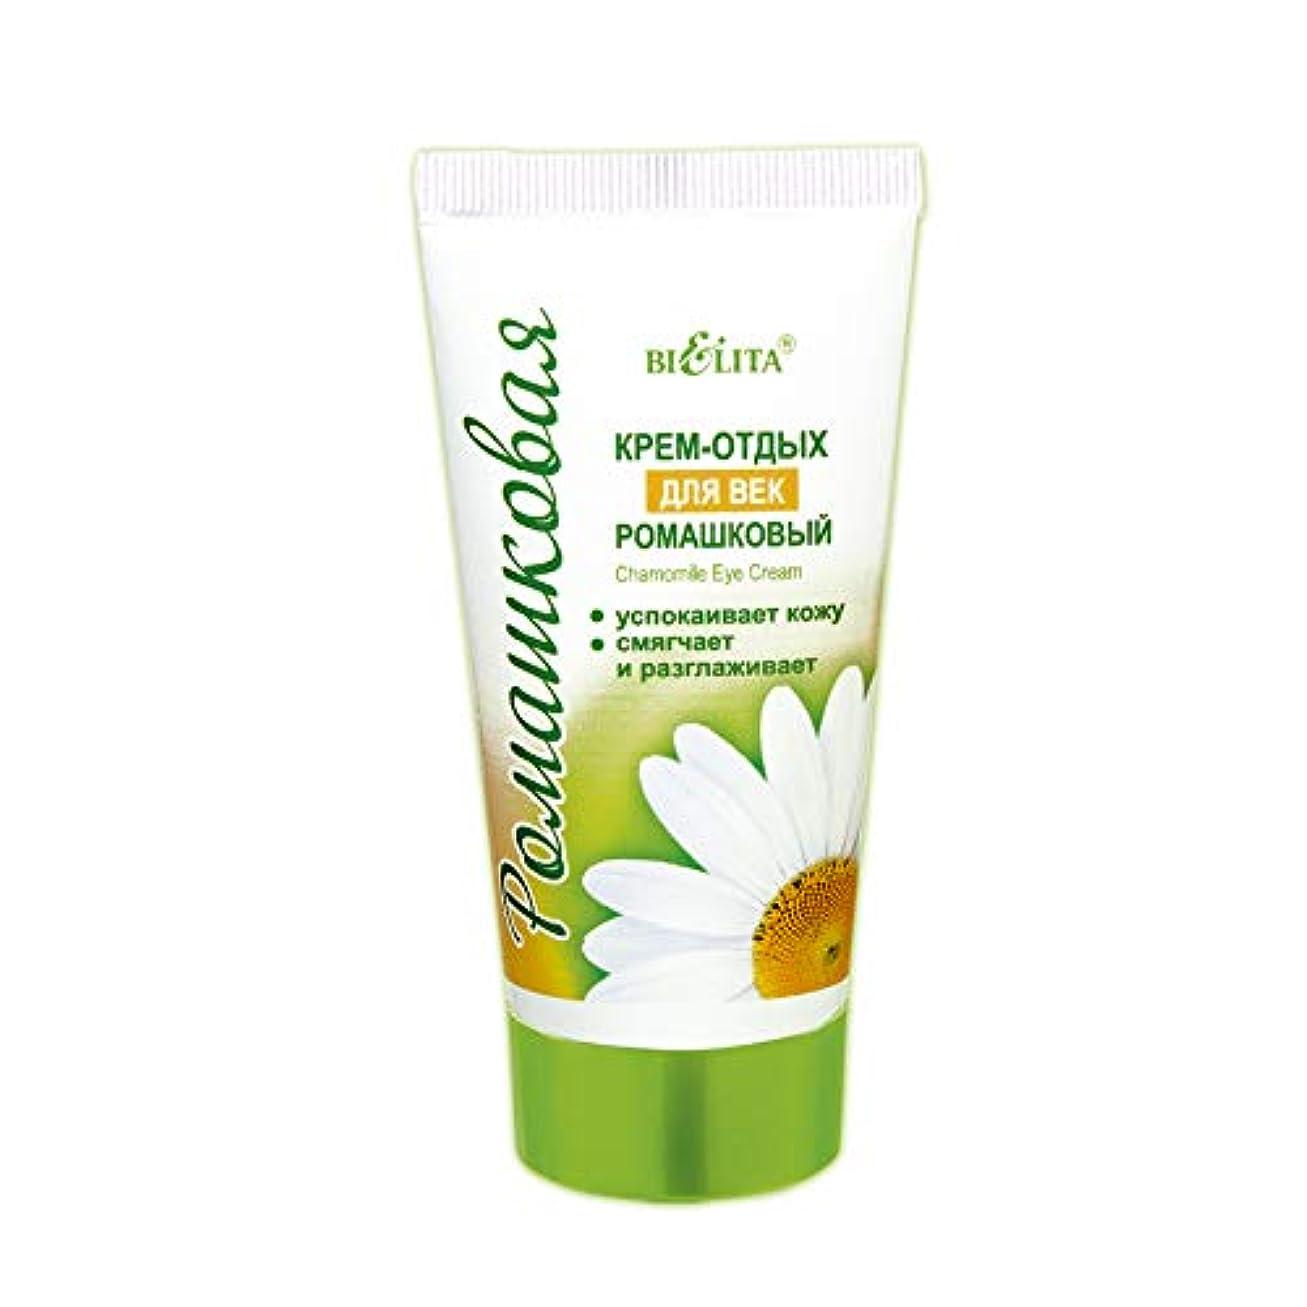 ピュー伸ばすもっと少なくBielita & Vitex Chamomile Line| Relaxing Eye Cream for All Skin Type, 30 ml | Chamomile, Allantoin, Sesame Oil...